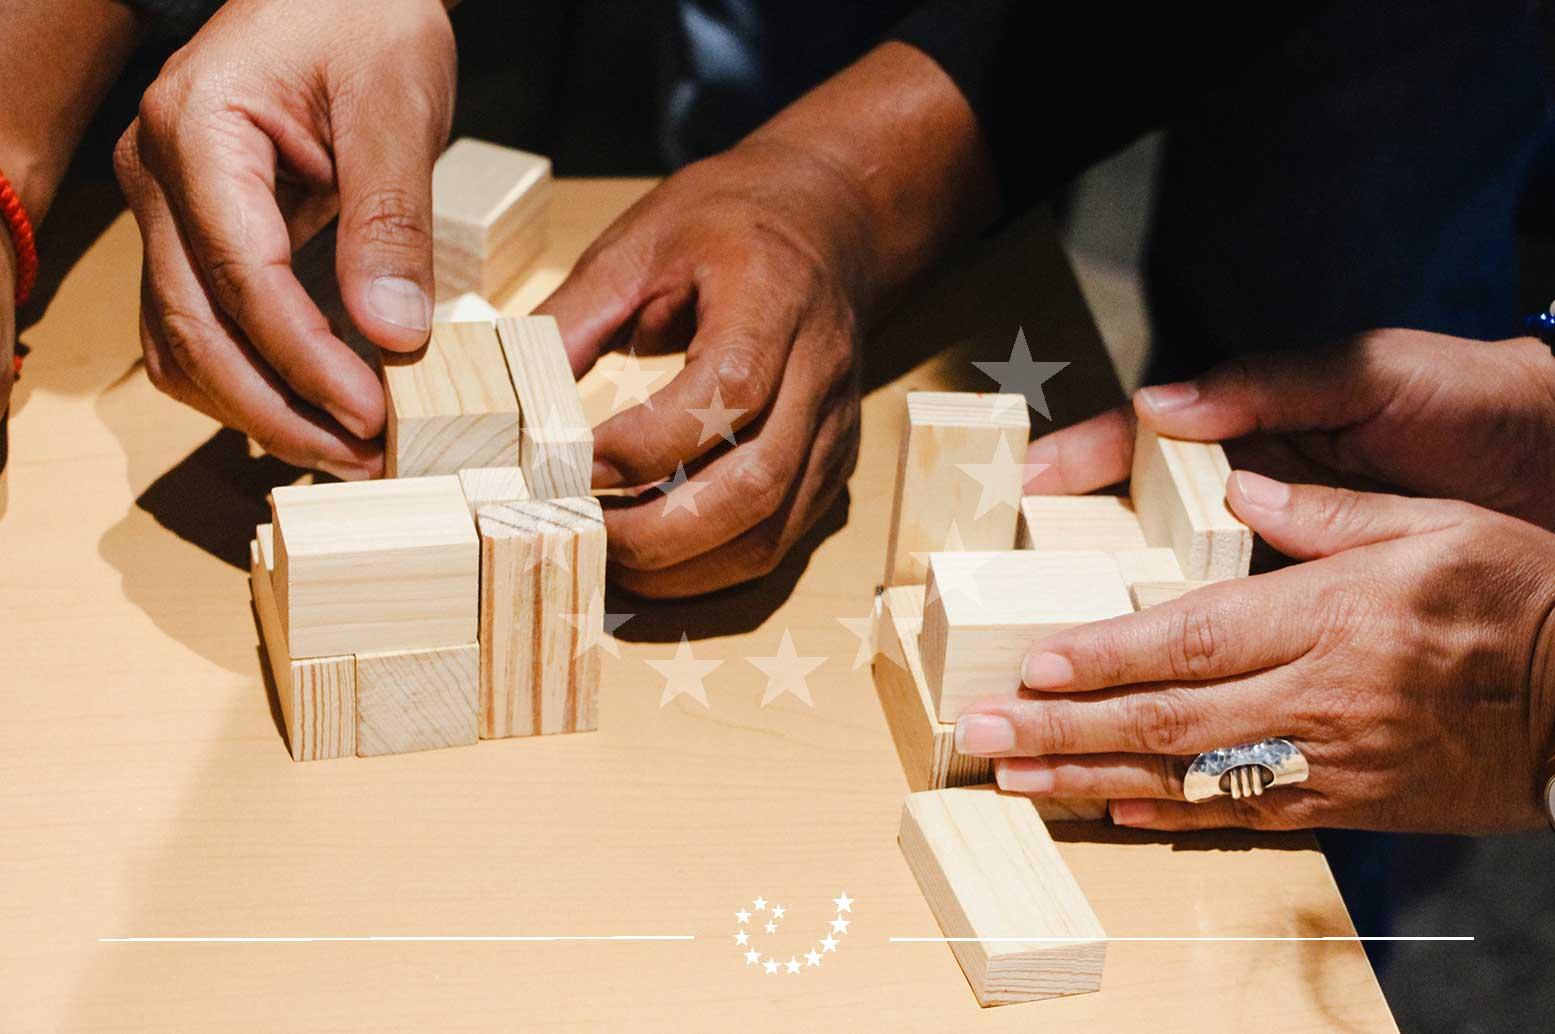 simulacro-de-comunicacion-y-team-building-de-integracion-8